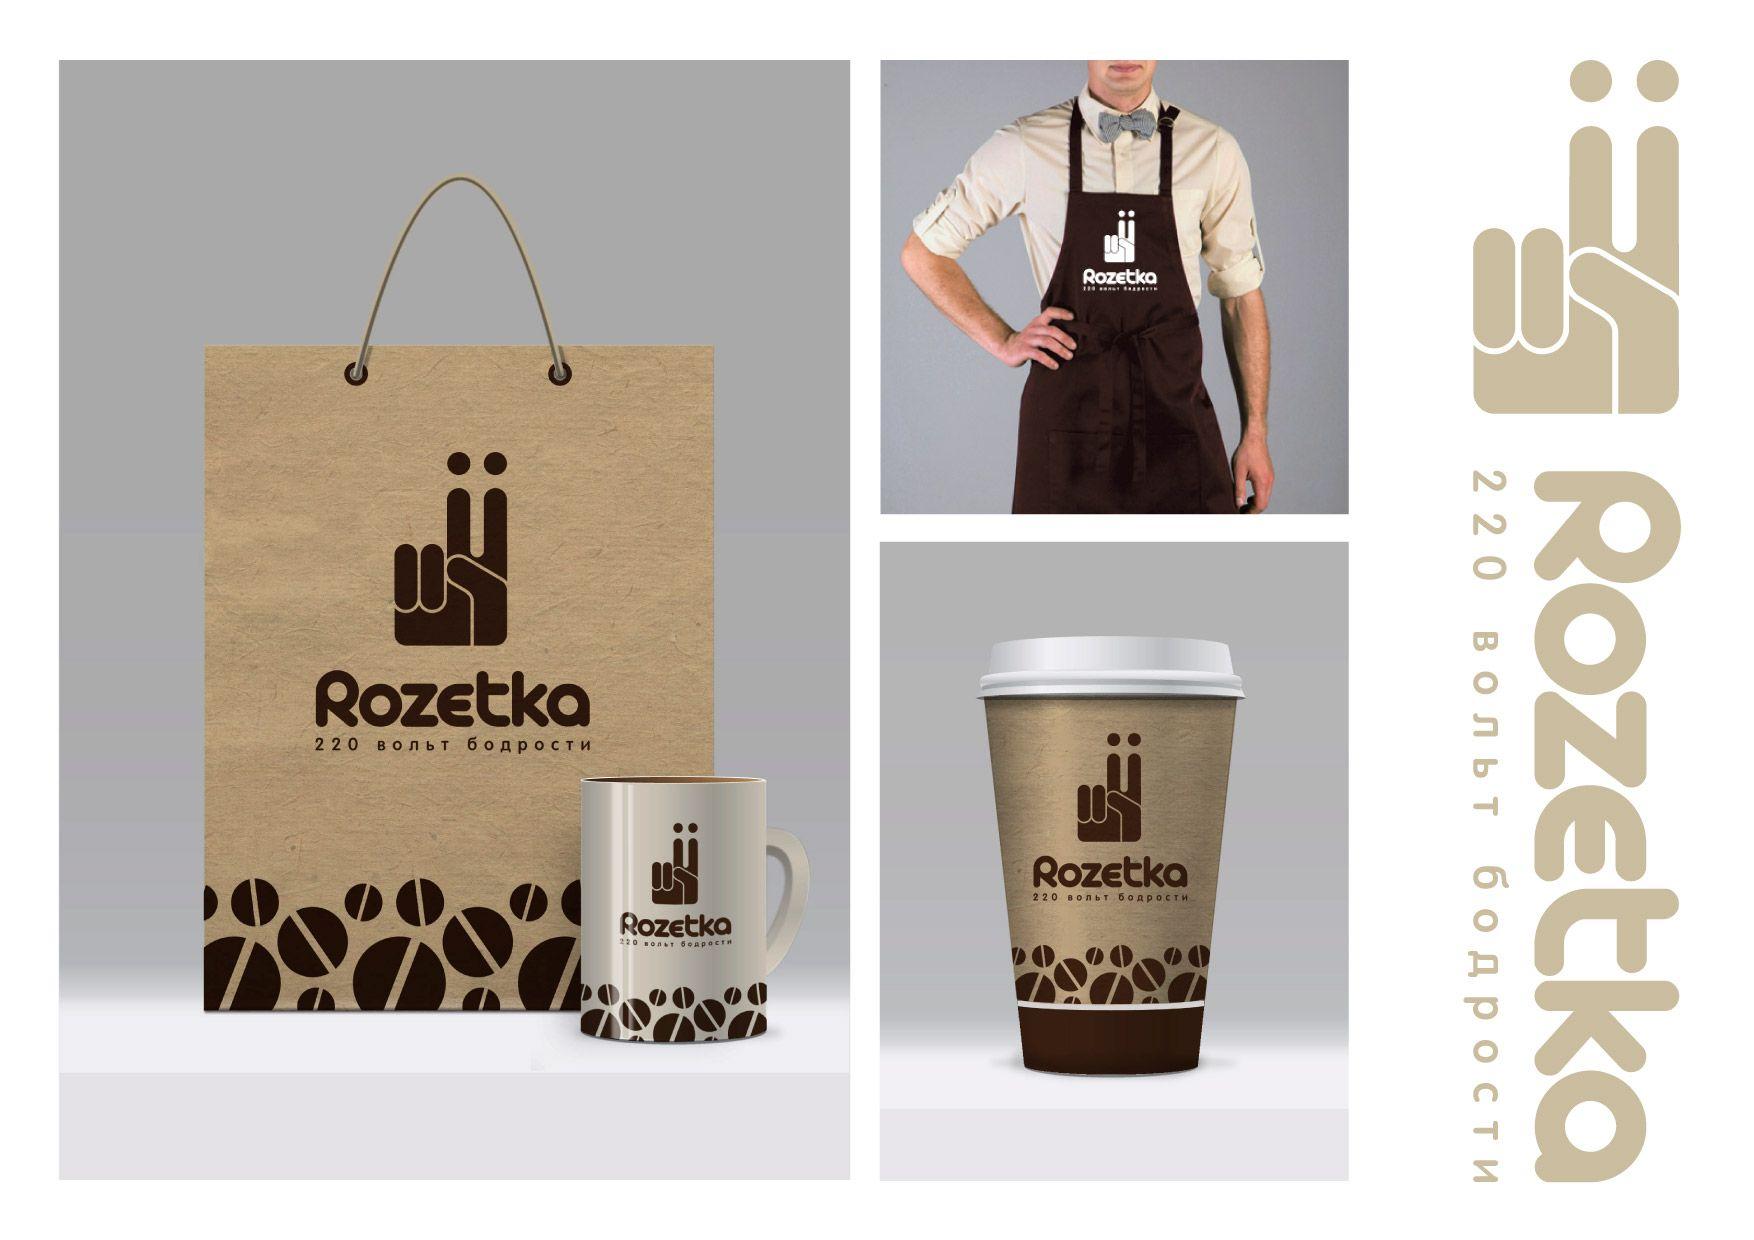 Логотип+Дизайн фирменного стиля для кофейни  - дизайнер igor_kireyev